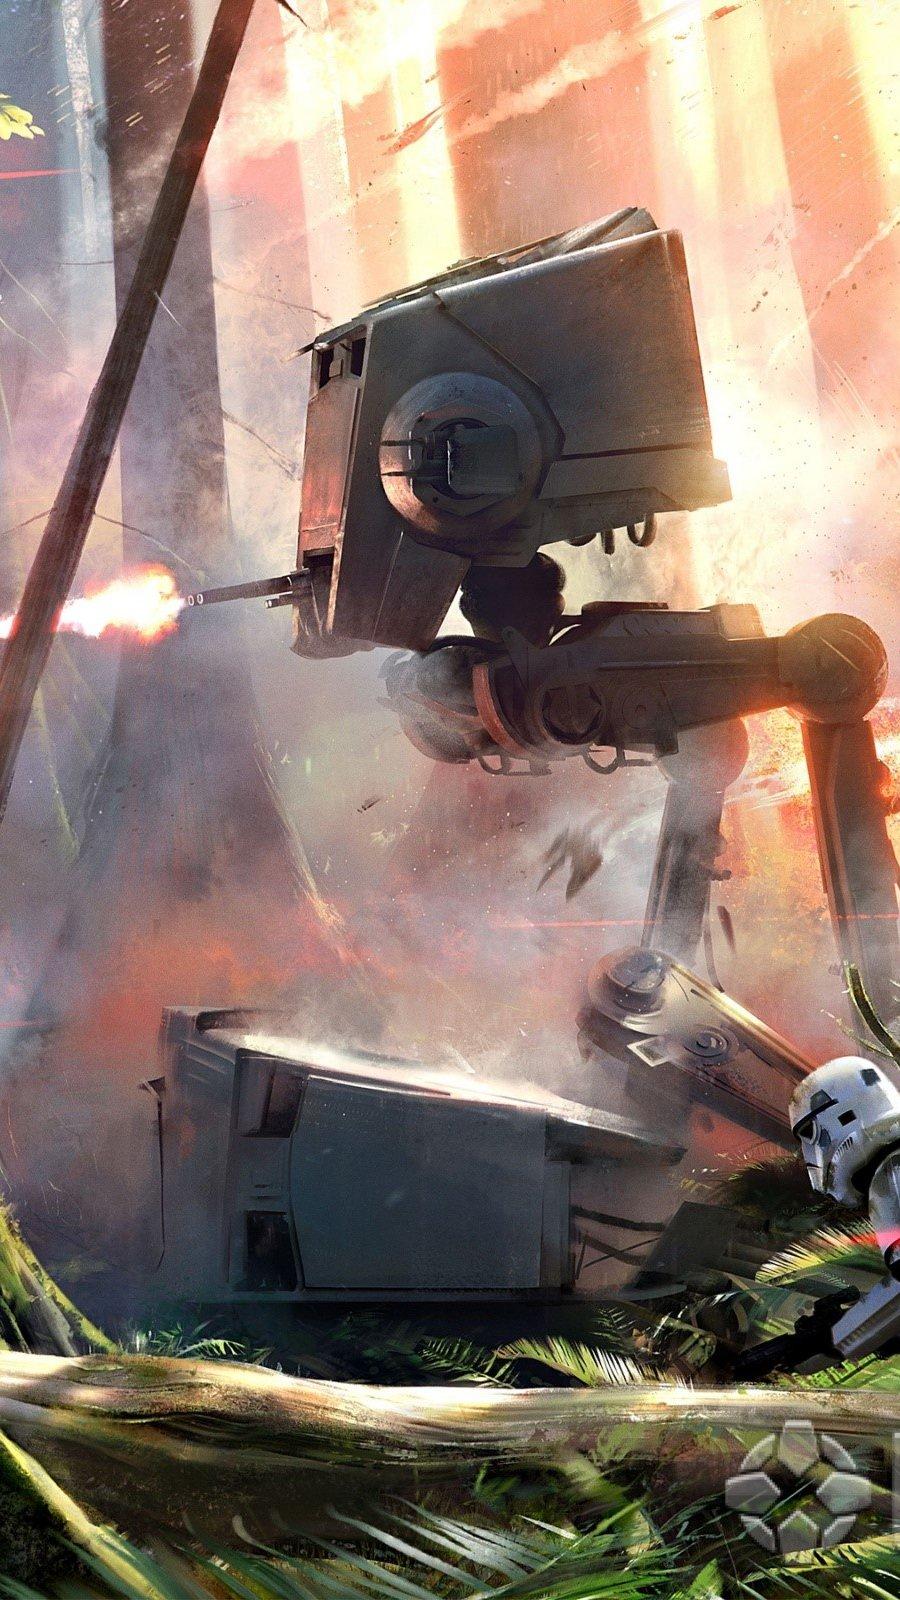 Wallpaper Game Star Wars Battlefront Vertical